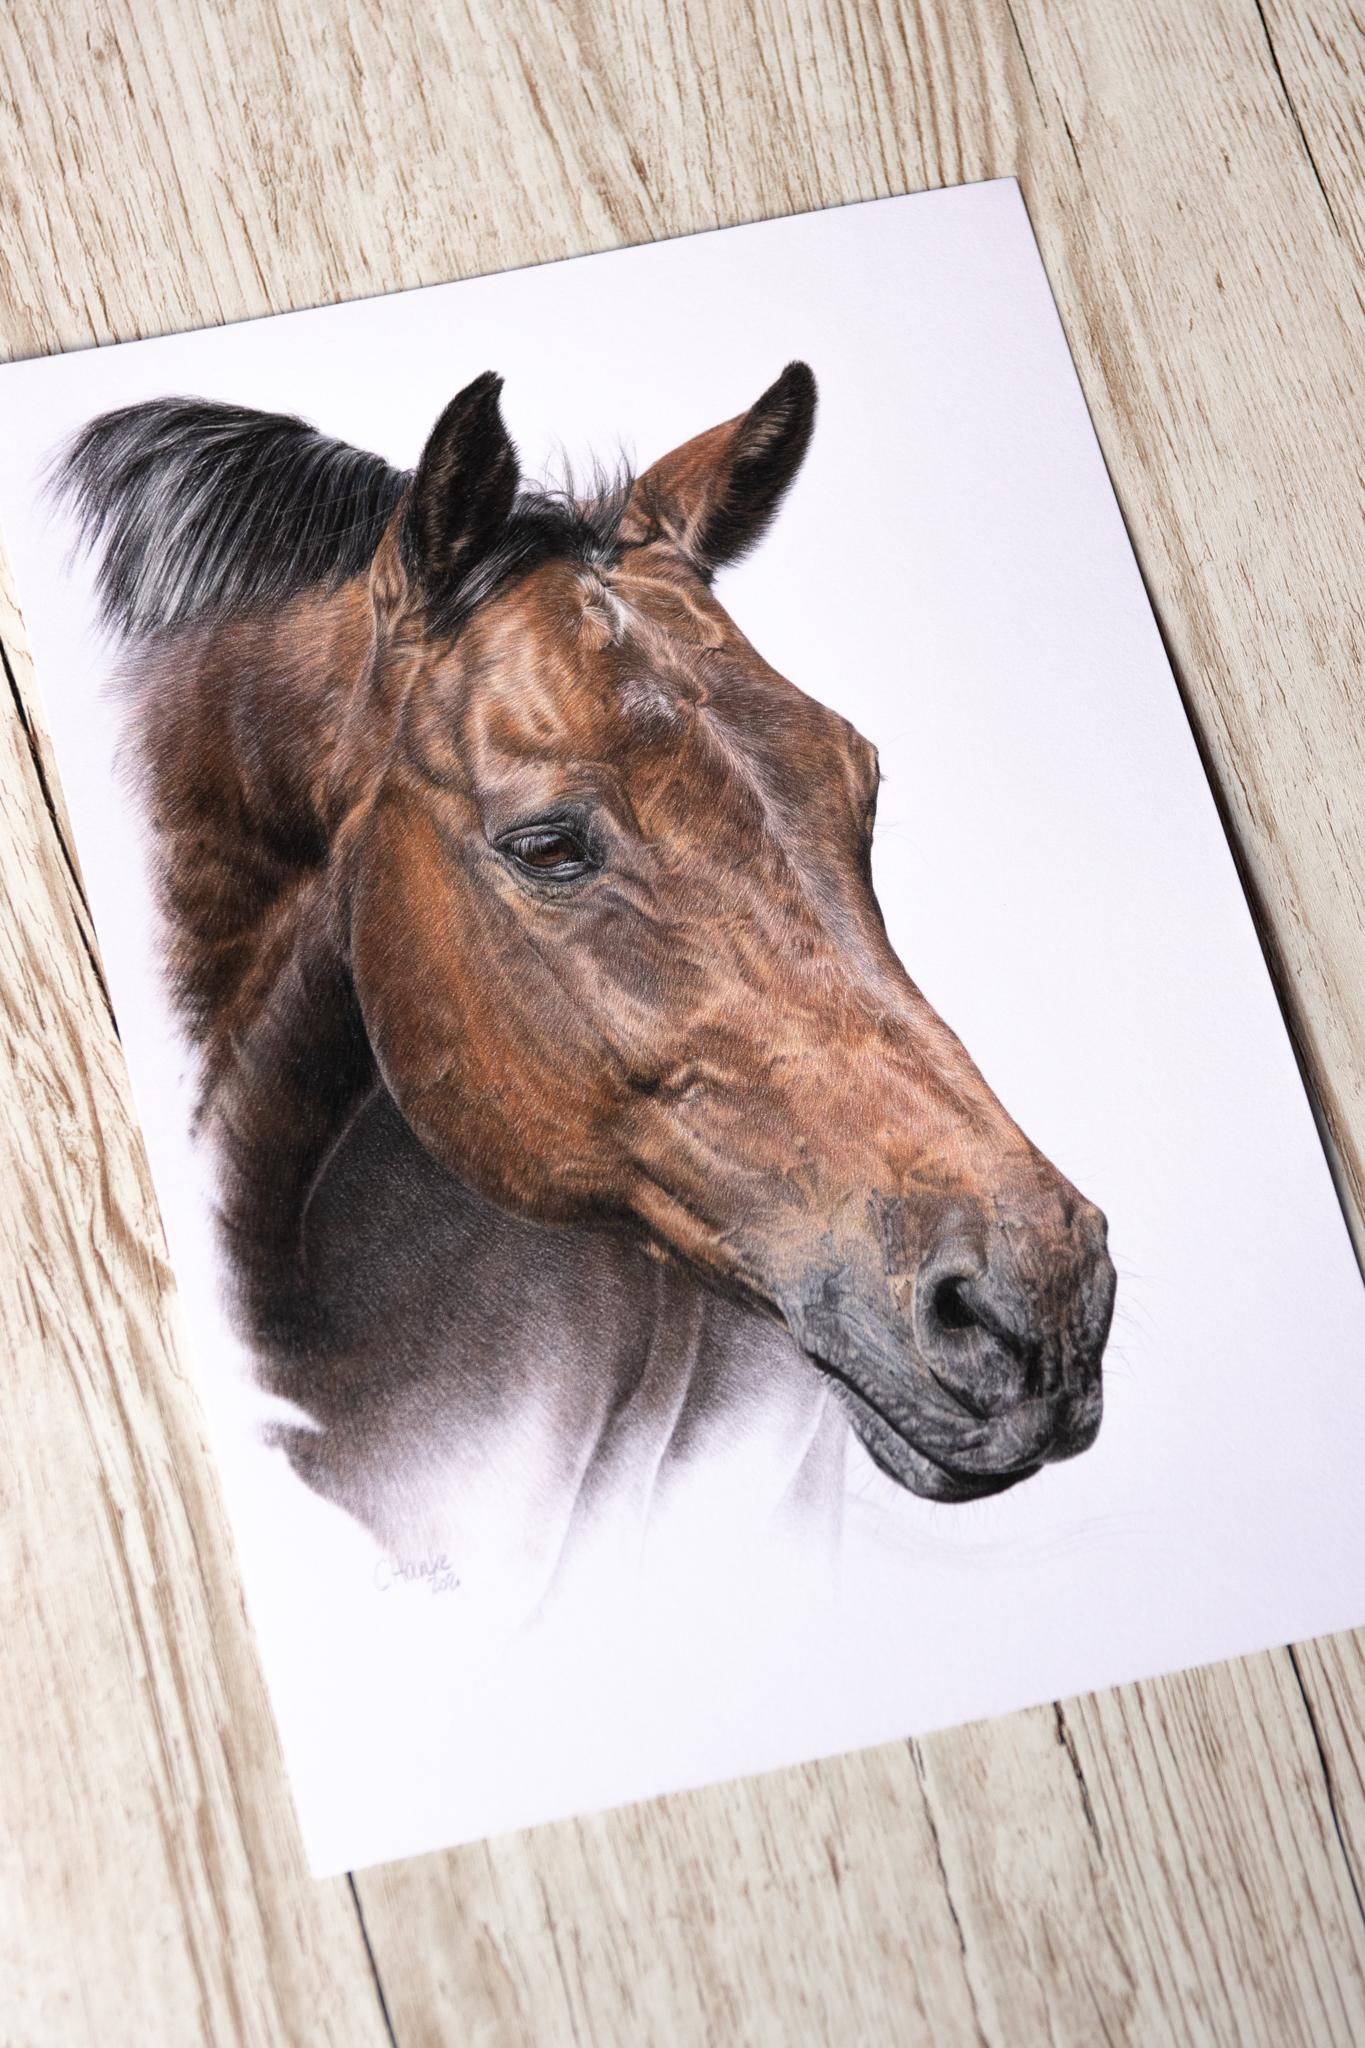 Pferd, Pferdezeichnung, Zeichnung, zeichnen, Buntstift, Farbstift, Pferdeportrait, Pferdezeichnung, Tierportrait, Auftragsmaler, Künstler, Tierkünstler, Tierzeichner